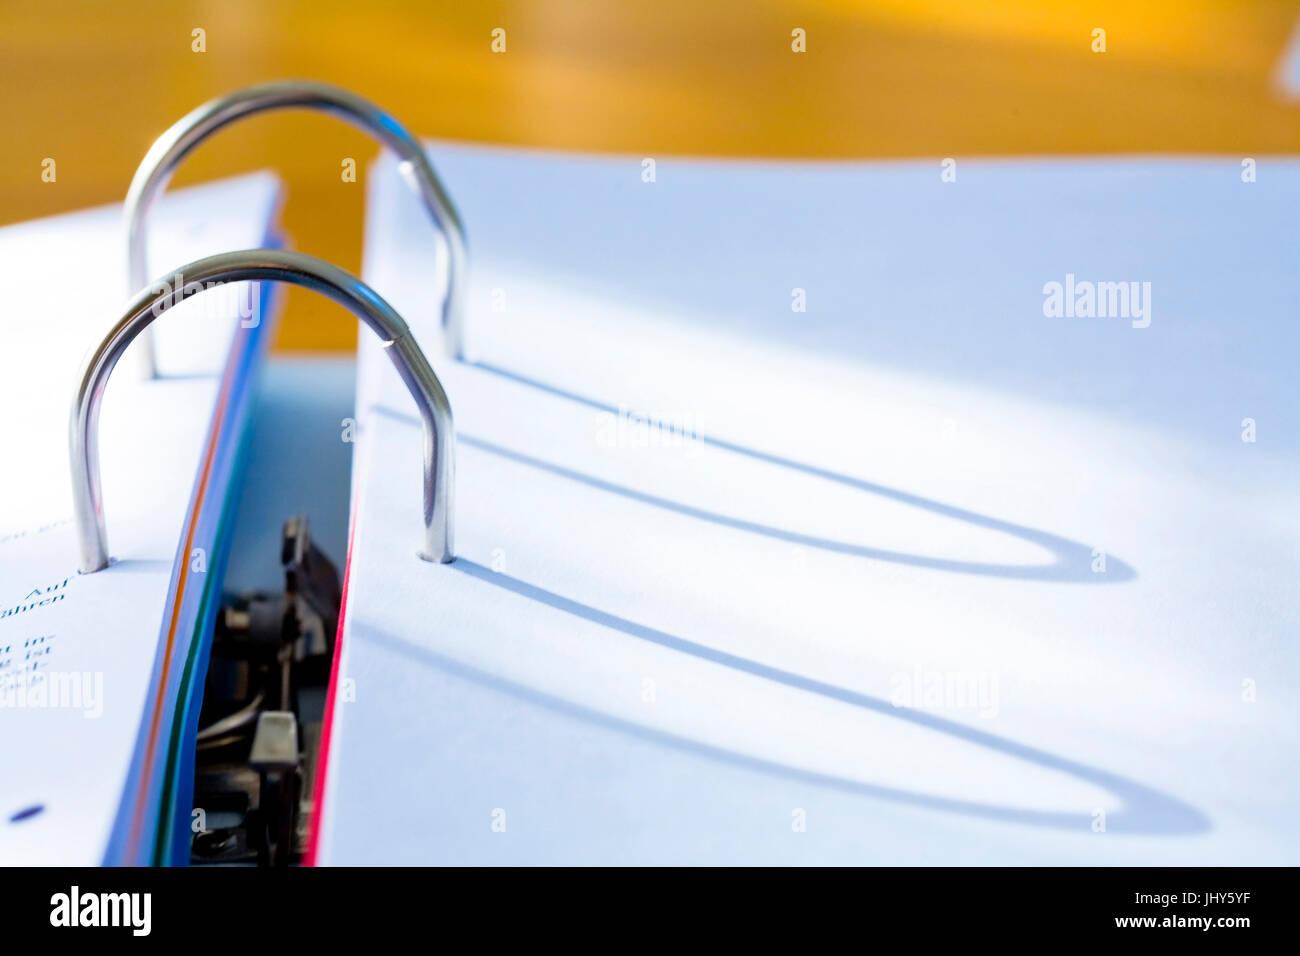 Folder - clamp mechanism, Ordner - Klemmmechanismus Stock Photo